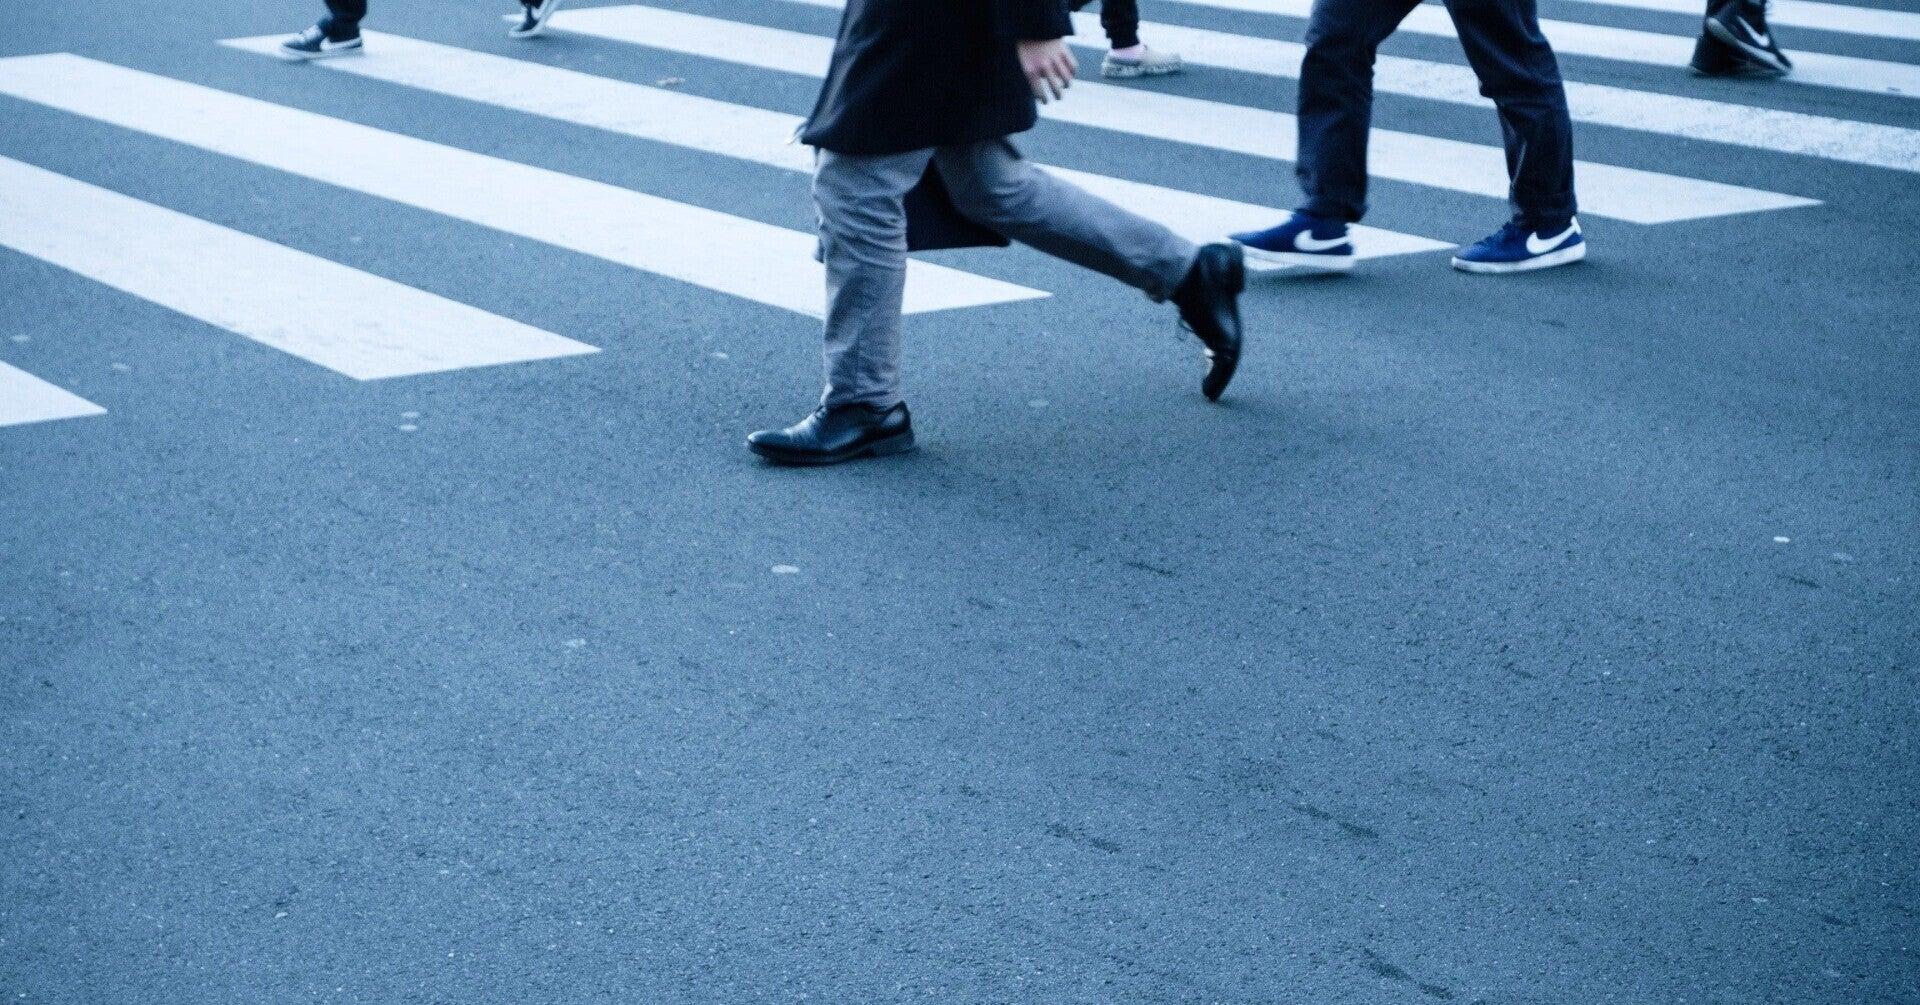 【自己紹介バトン #27】 三浦商店の沿革…